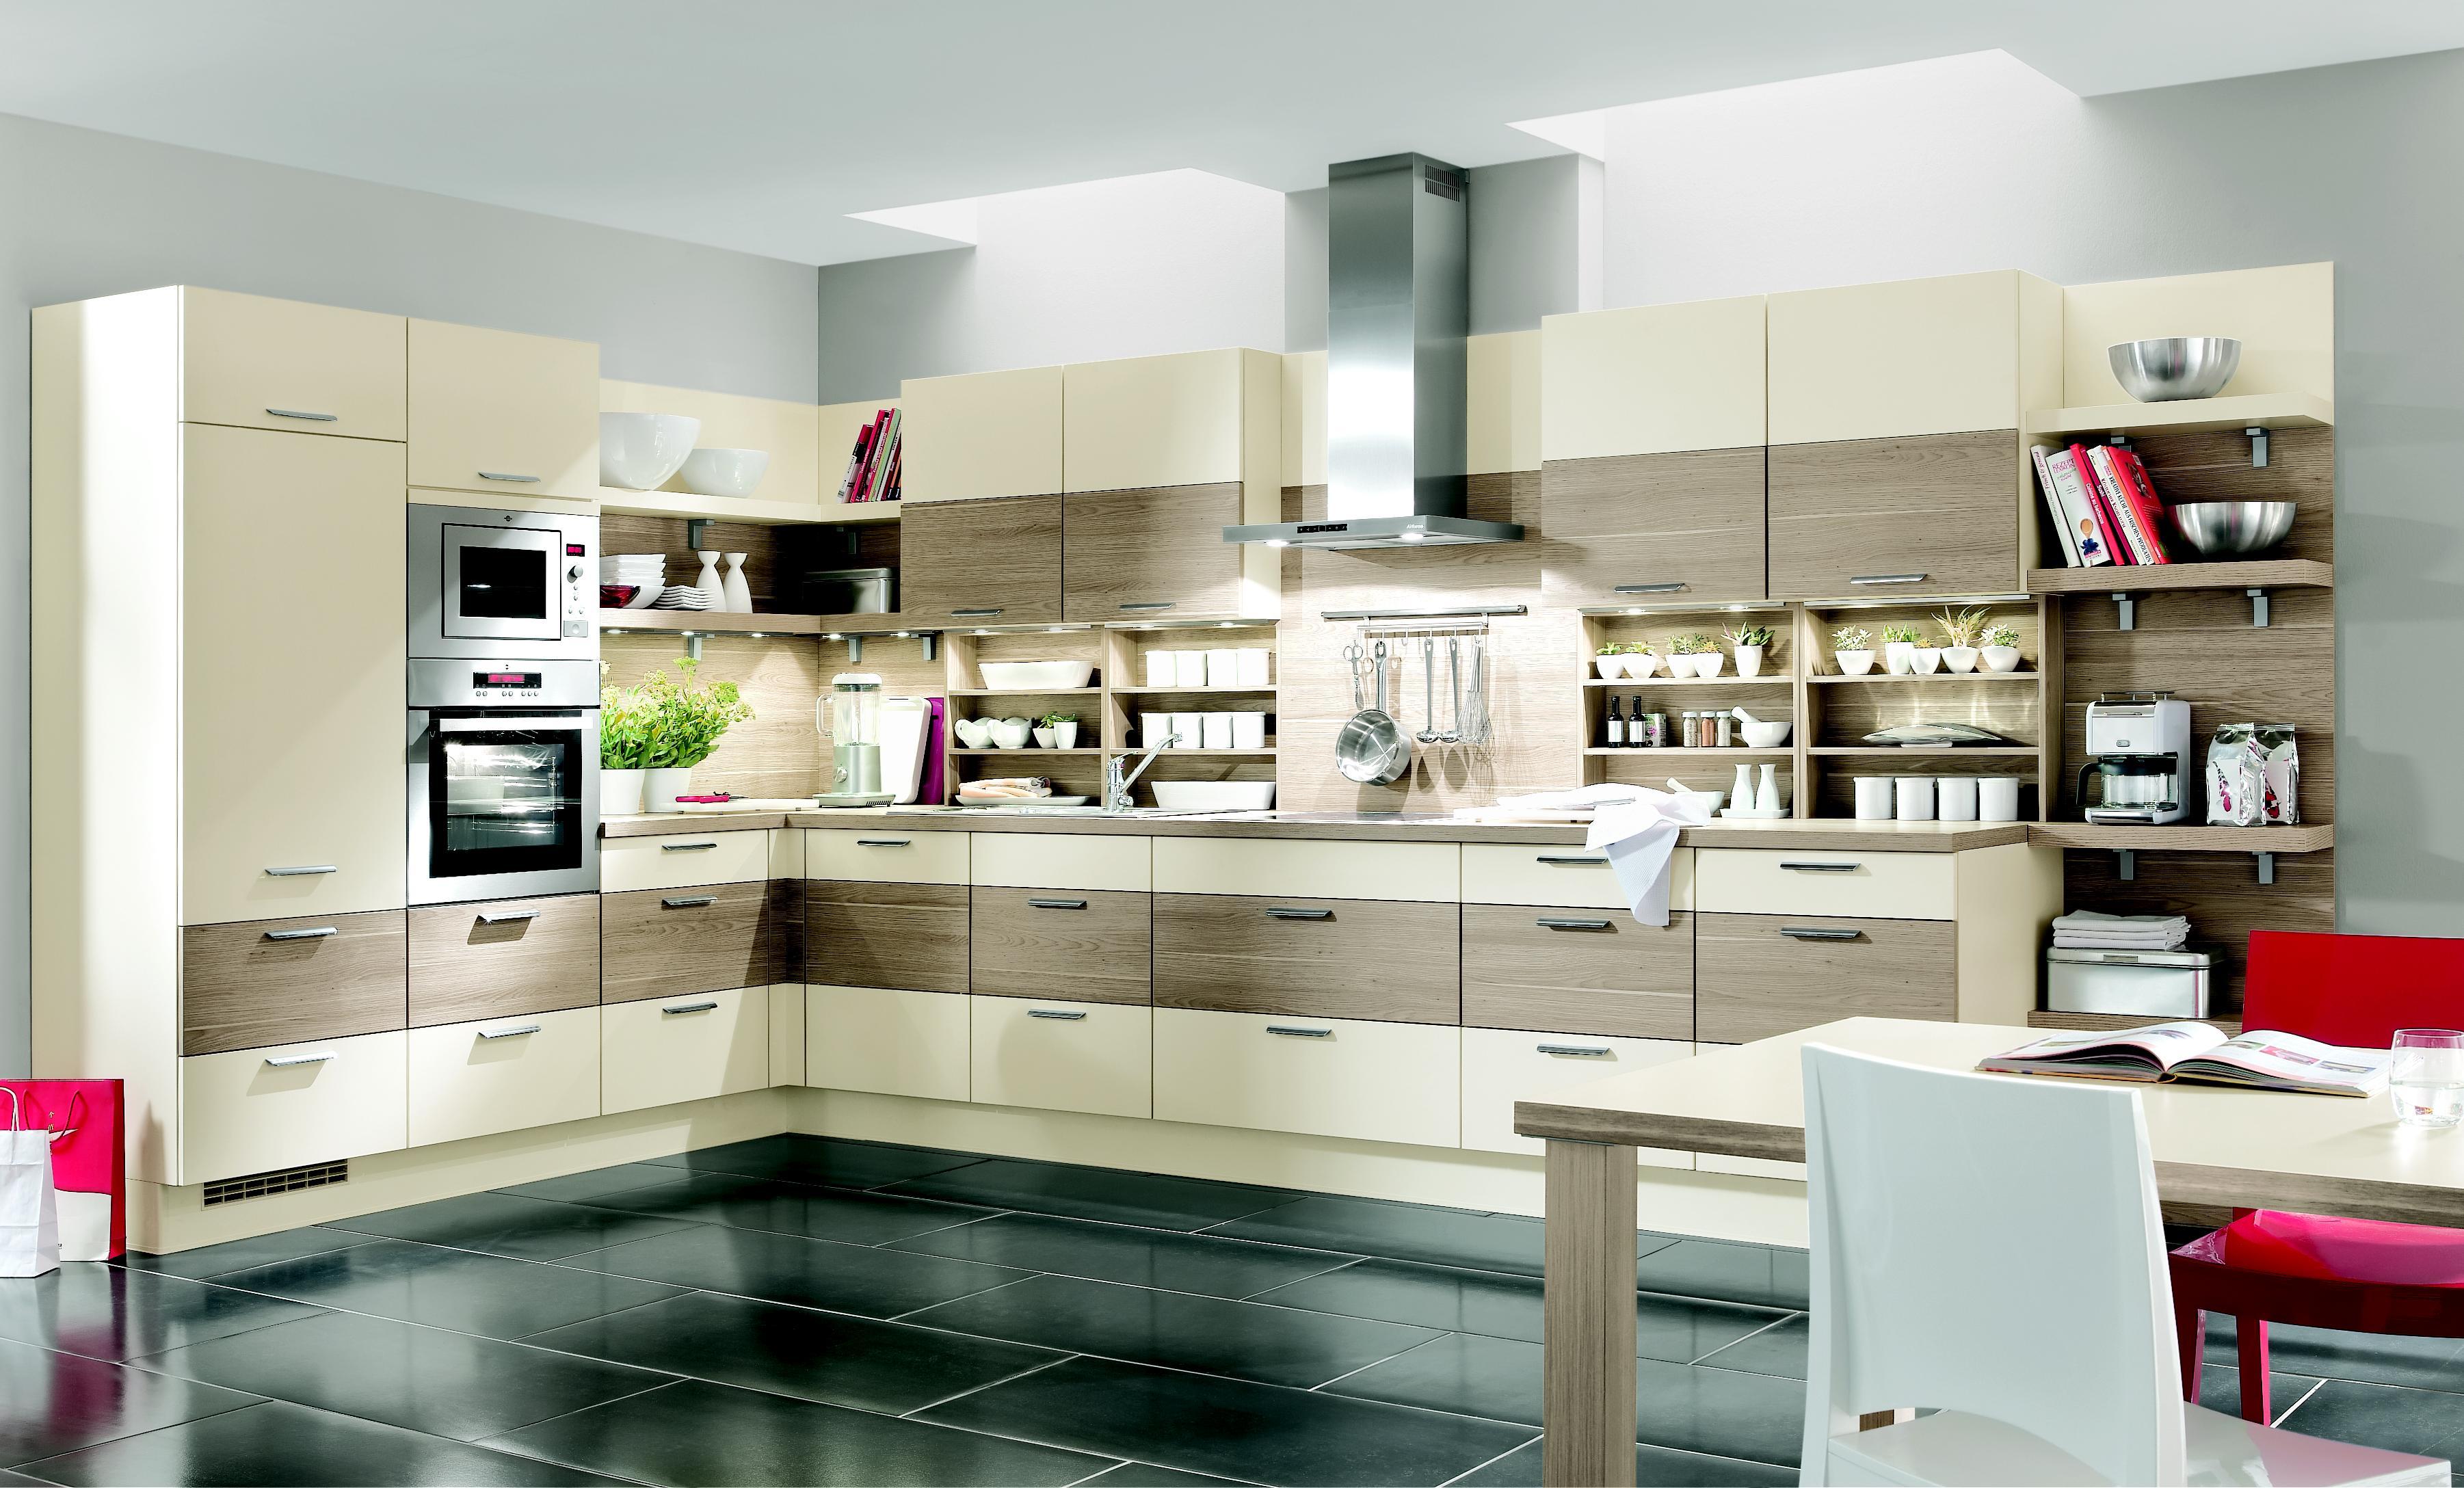 Foto 20 de muebles de ba o y cocina en madrid dise o en - Cocinas de diseno en madrid ...